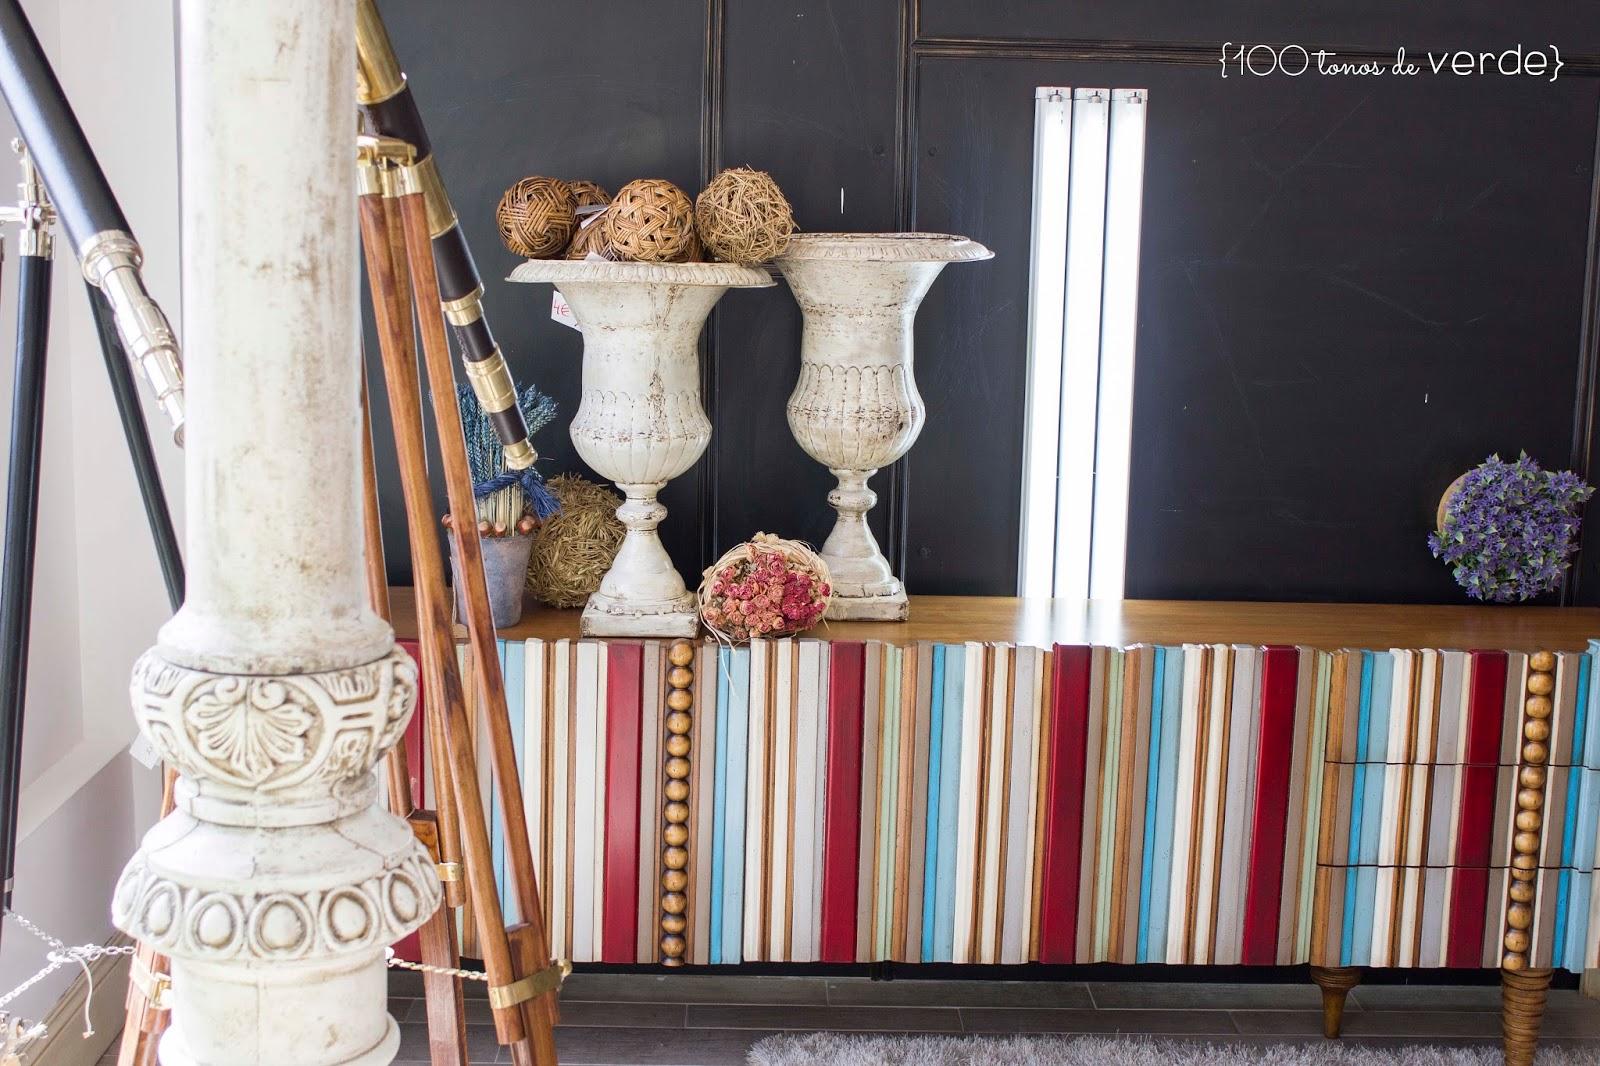 100 tonos de verde de tiendas lola glamour - Lola glamour mobili ...